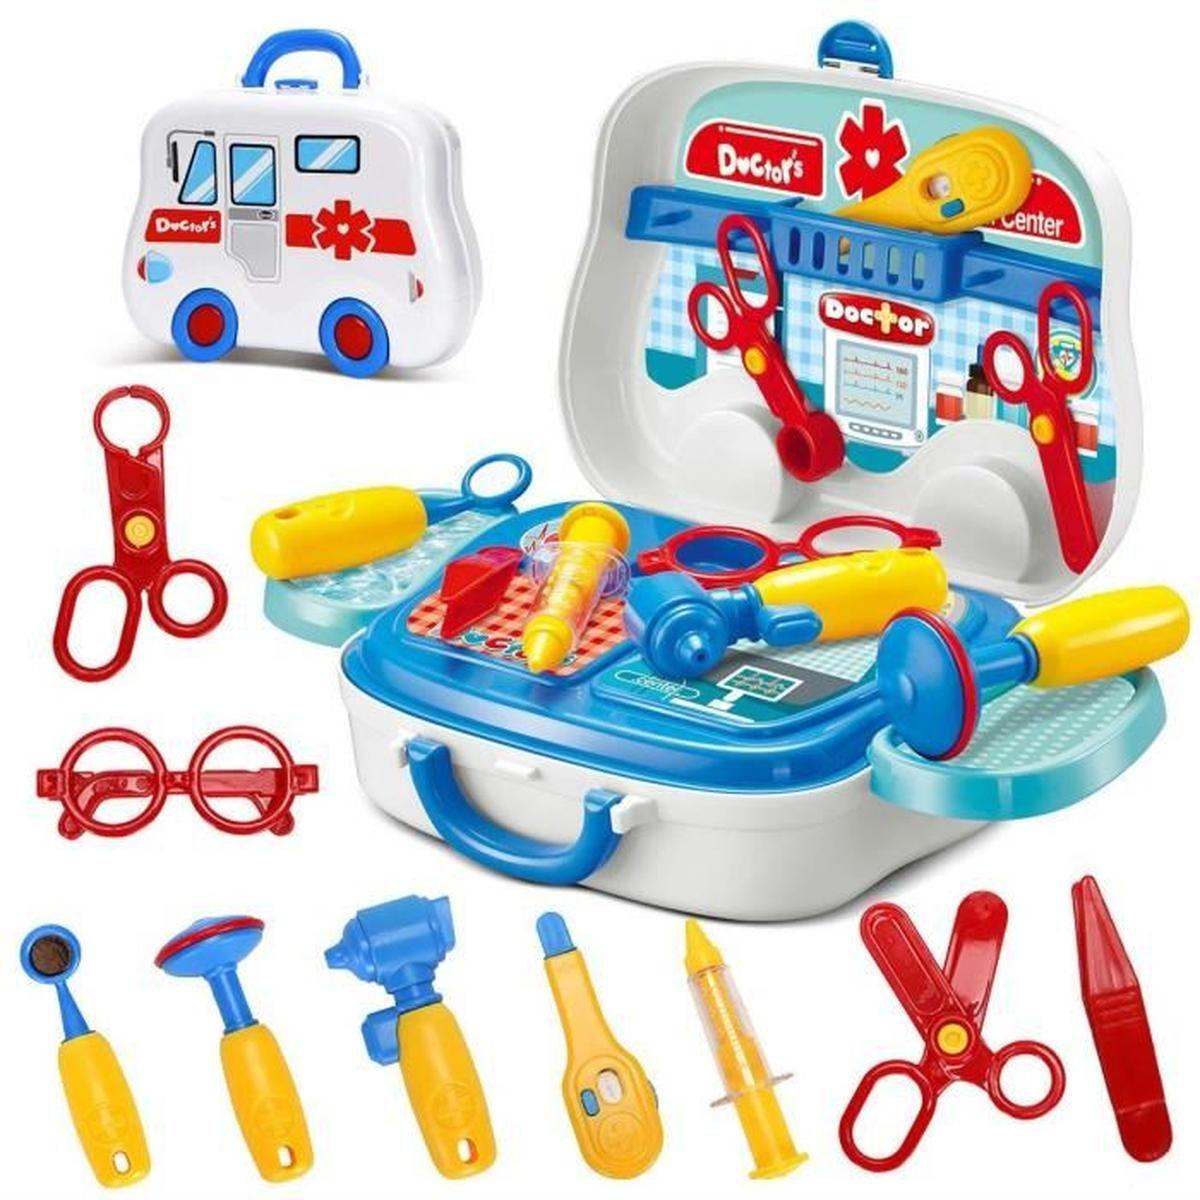 1Pcs Malette De Docteur Avec Accessoires Jeux D'imitation tout Jeux Pour Un Enfant De 3 Ans